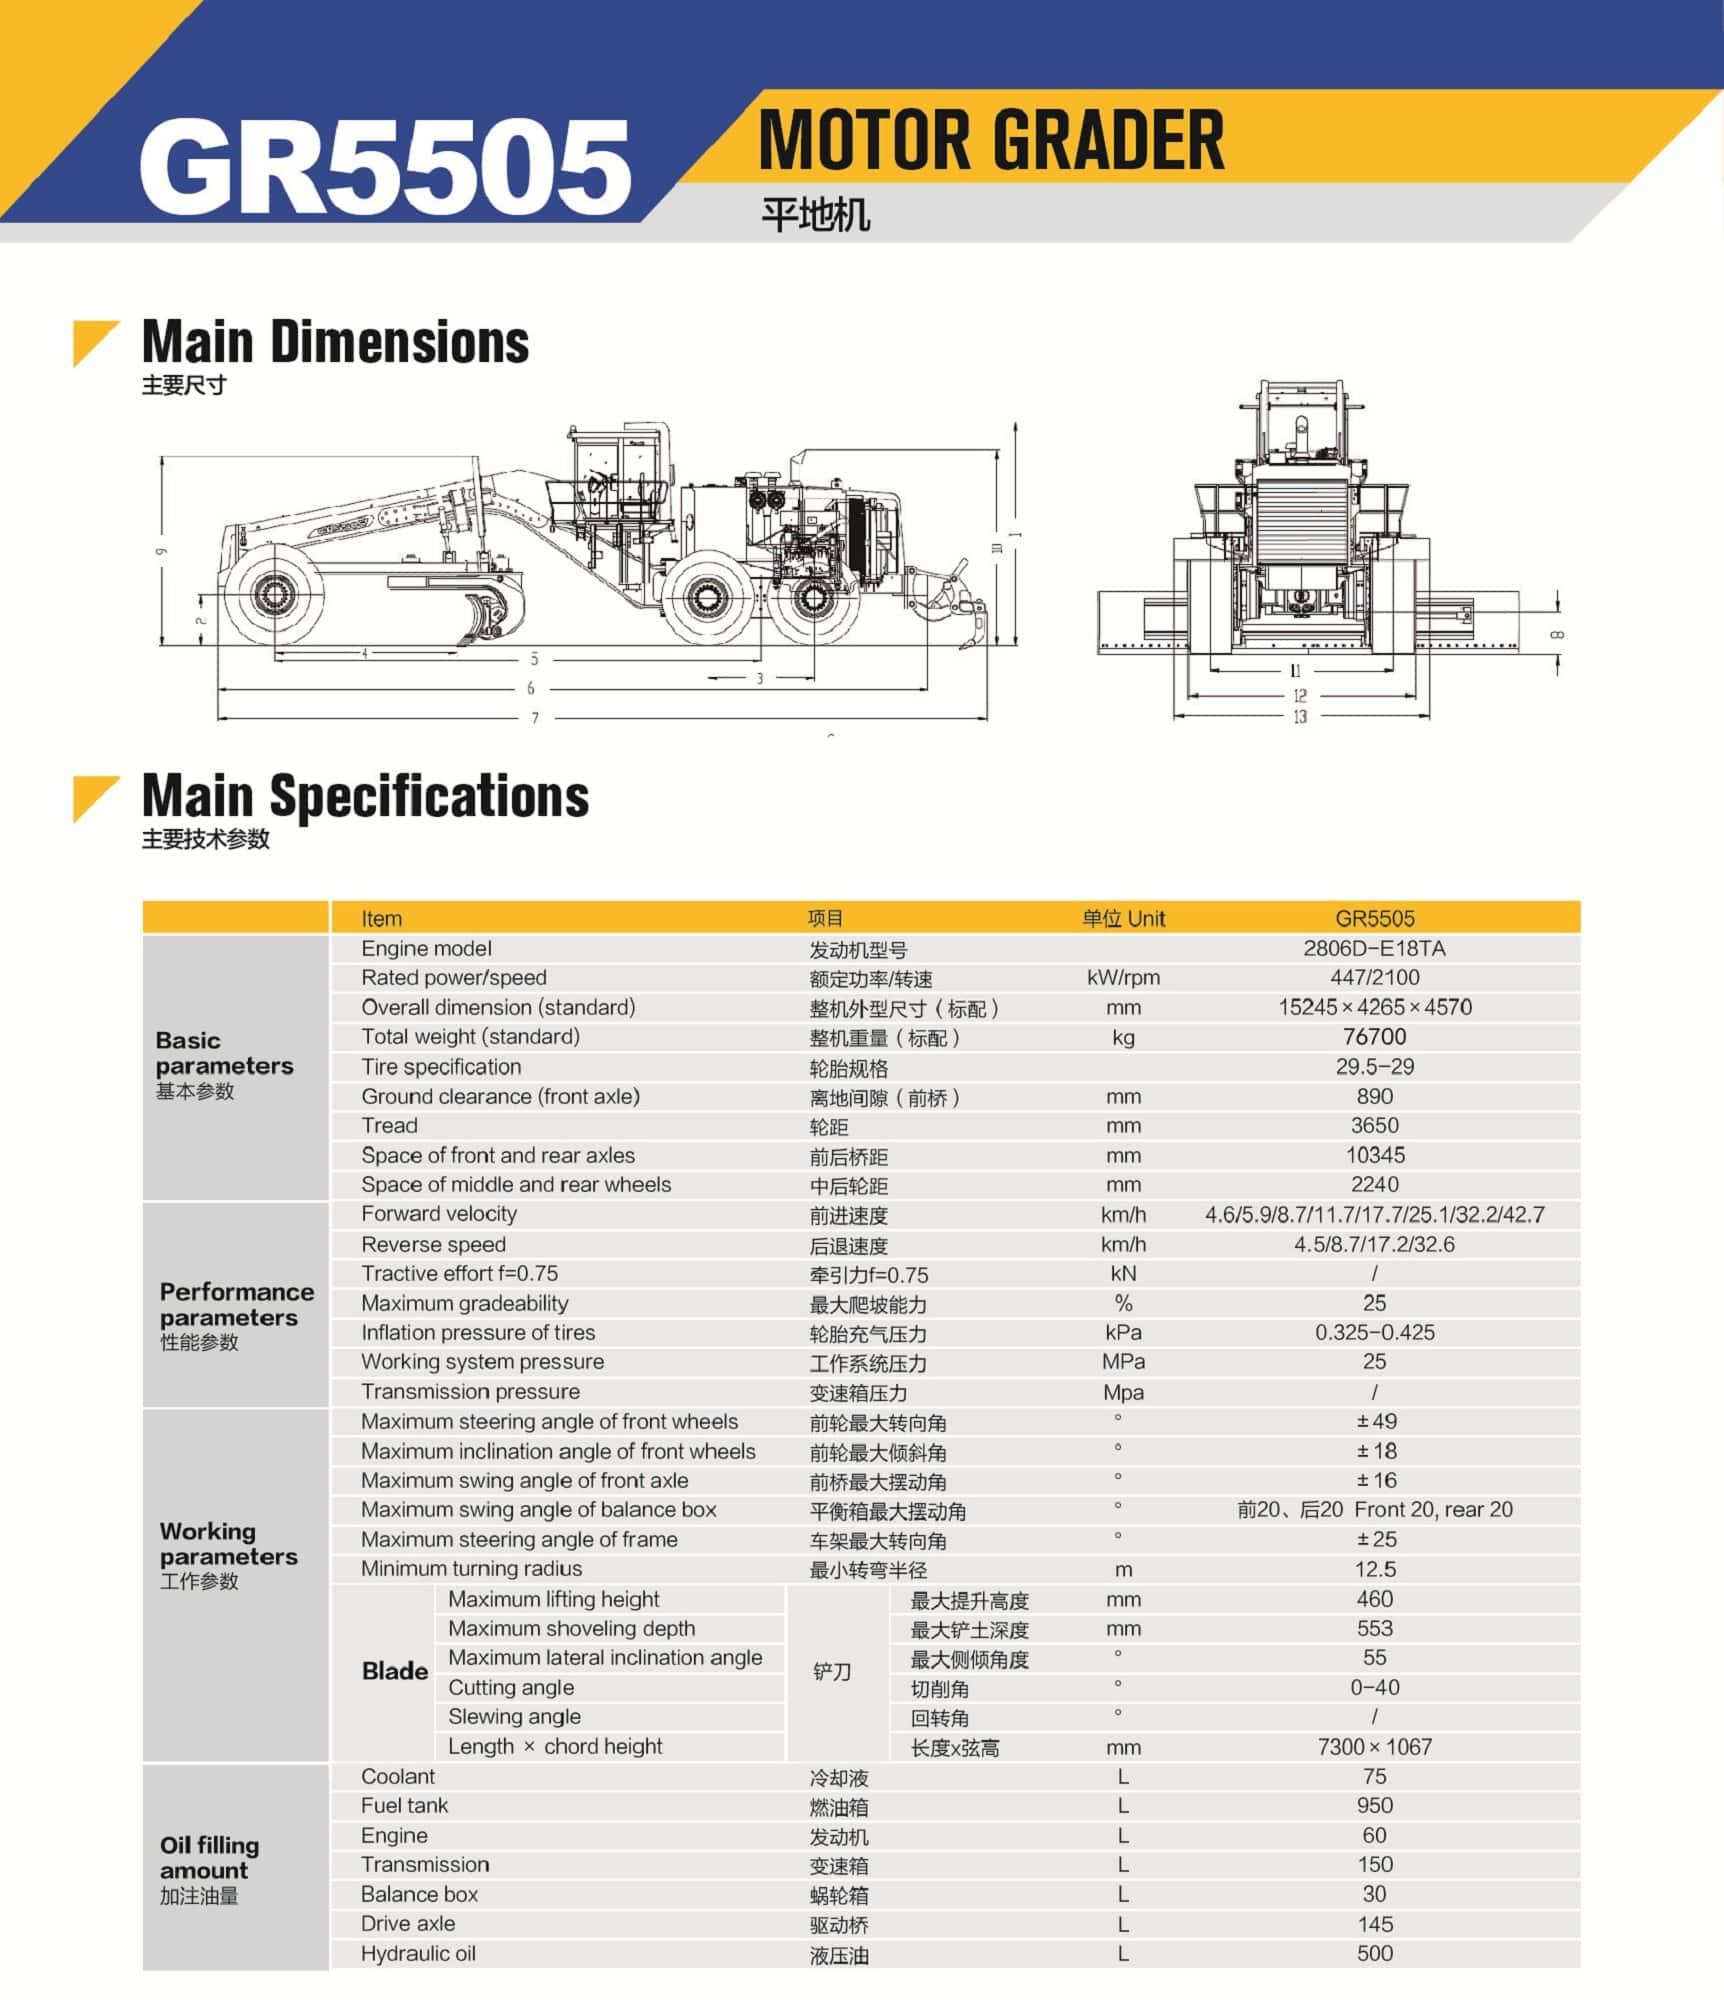 XCMG Official Motor Grader GR5505 for sale